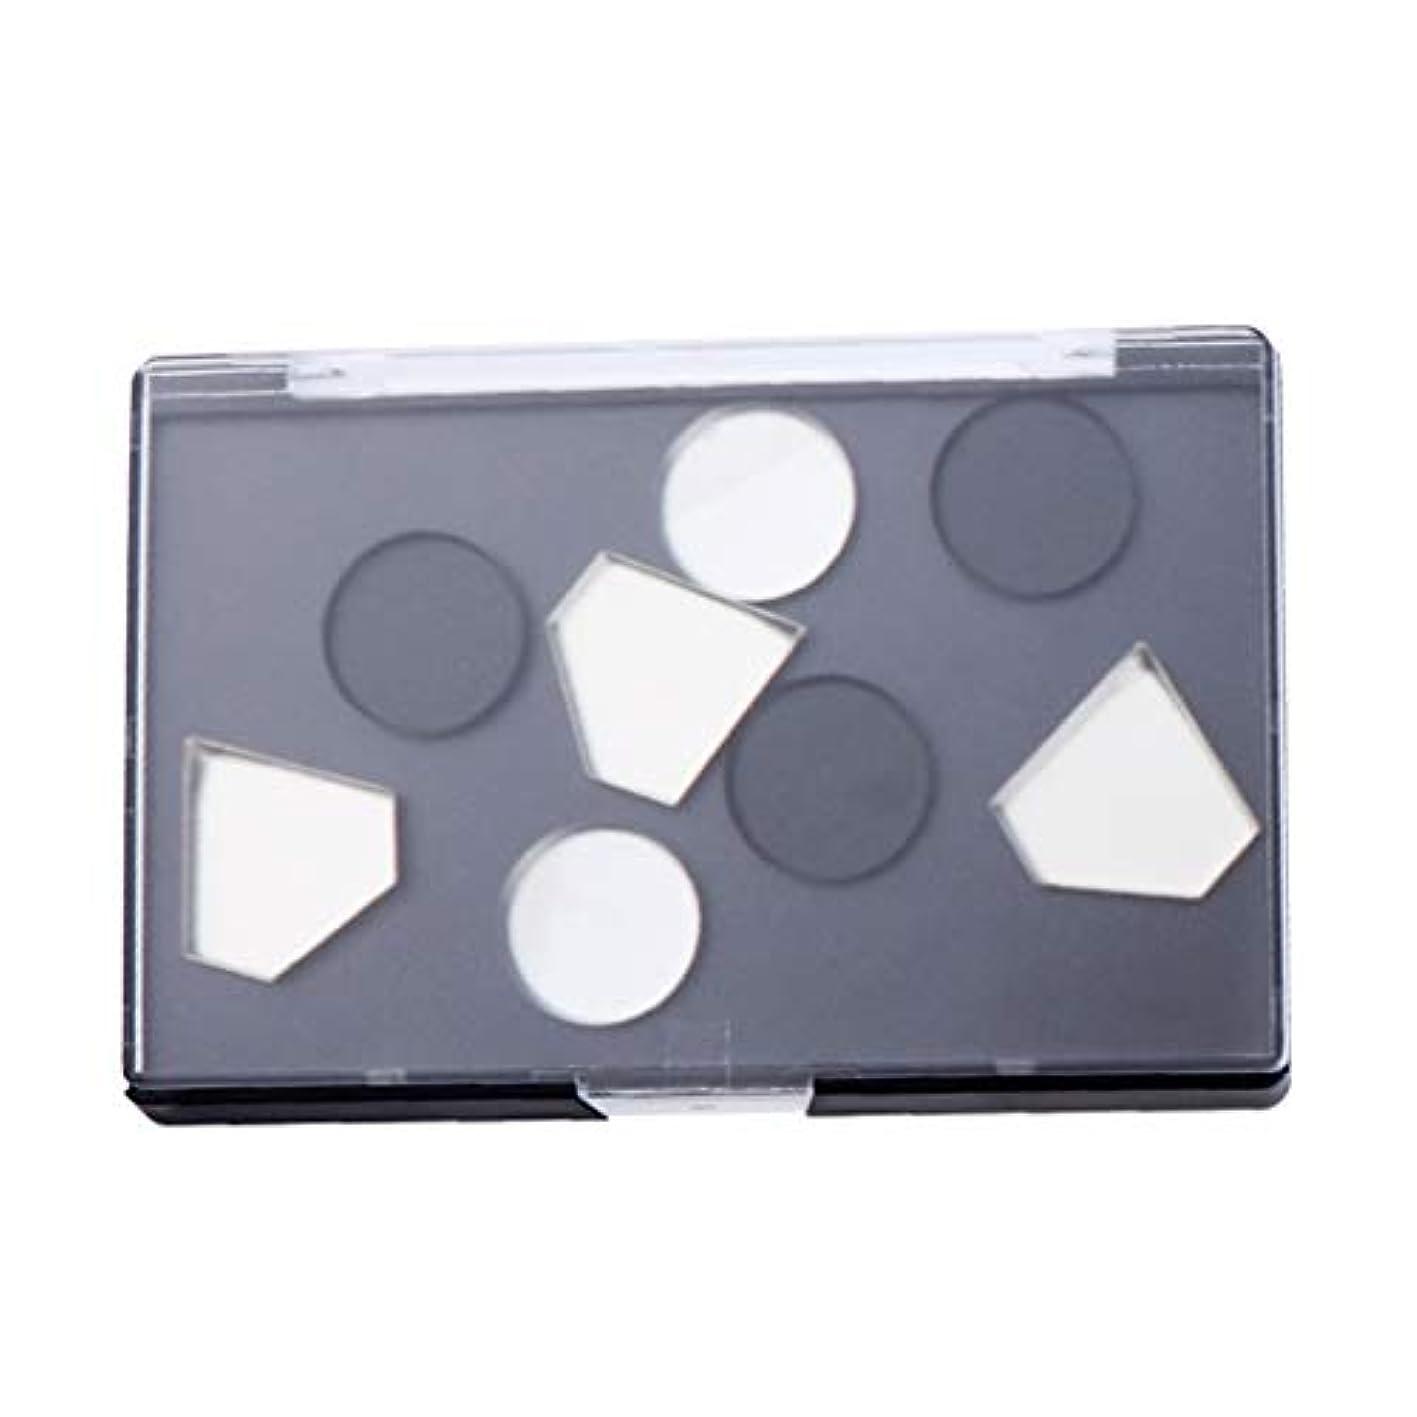 エスカレーター放つバーP Prettyia 磁気メイクパレット アイシャドウ DIY コスメ 化粧品 2タイプ選べ - メイクアップパン付き